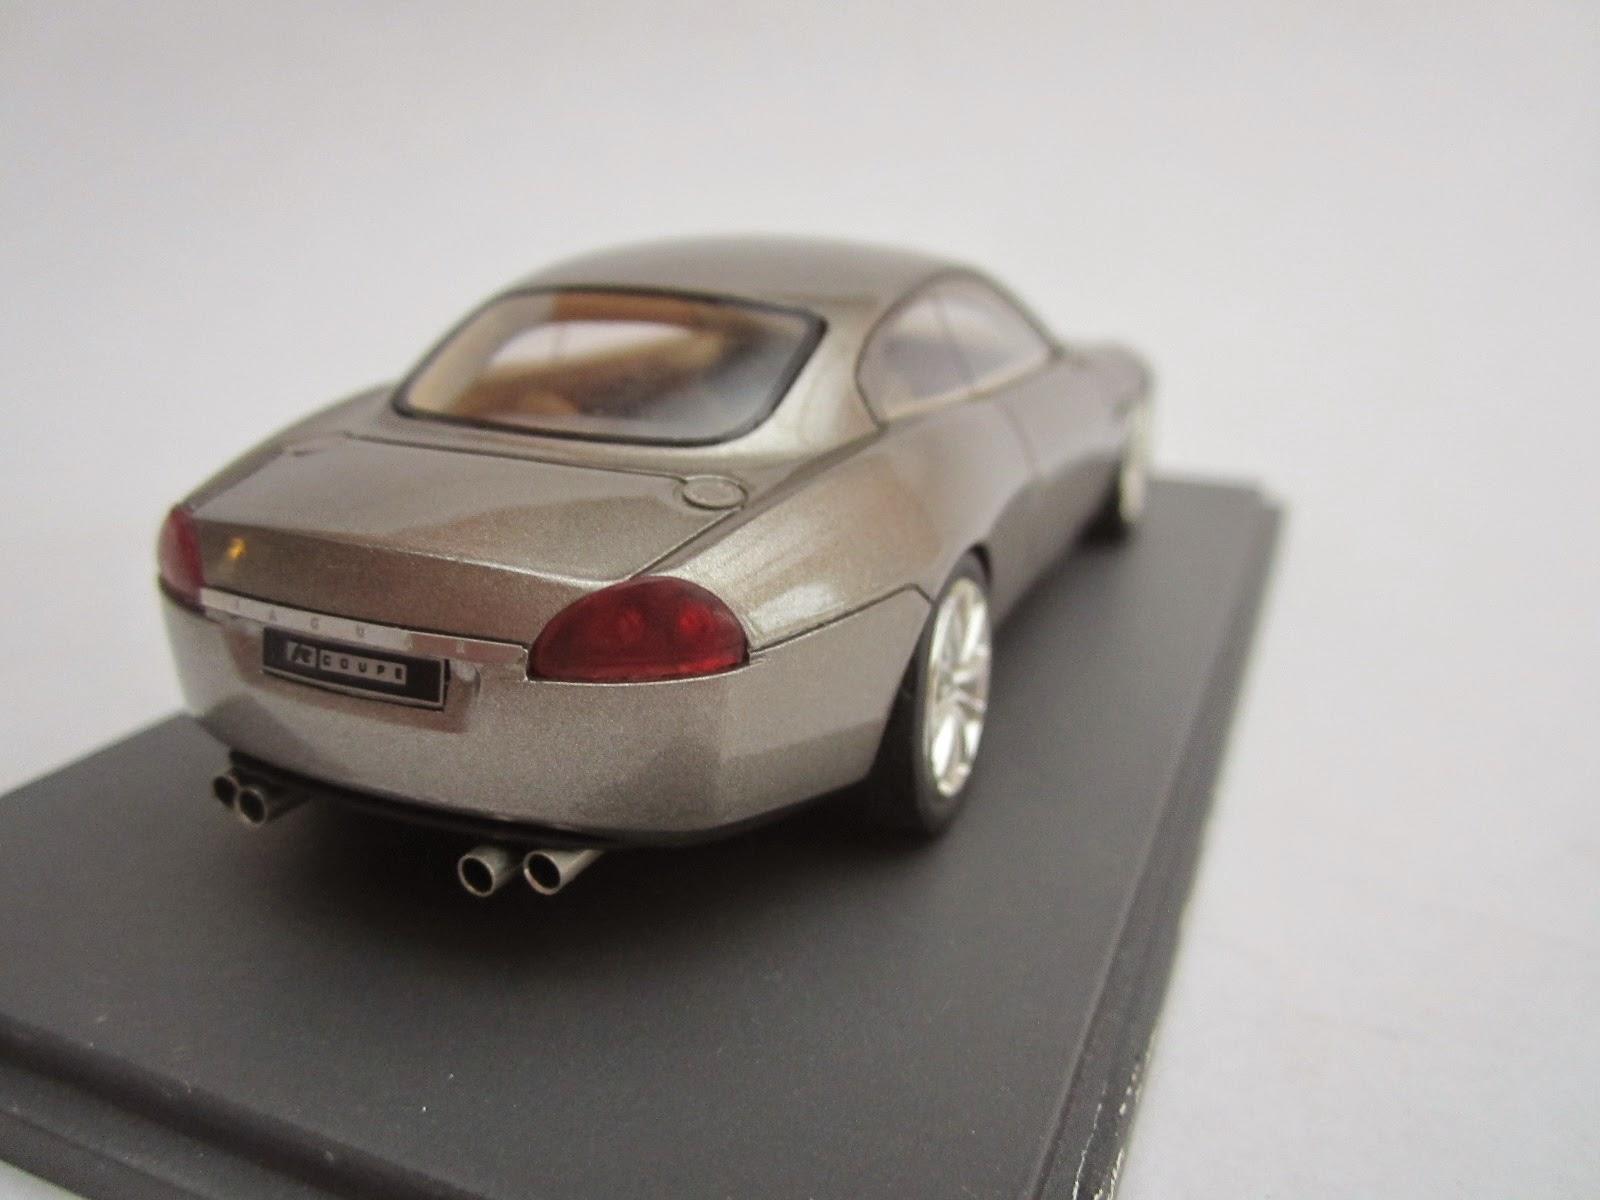 2008 Jaguar R Coupe Concept photo - 2